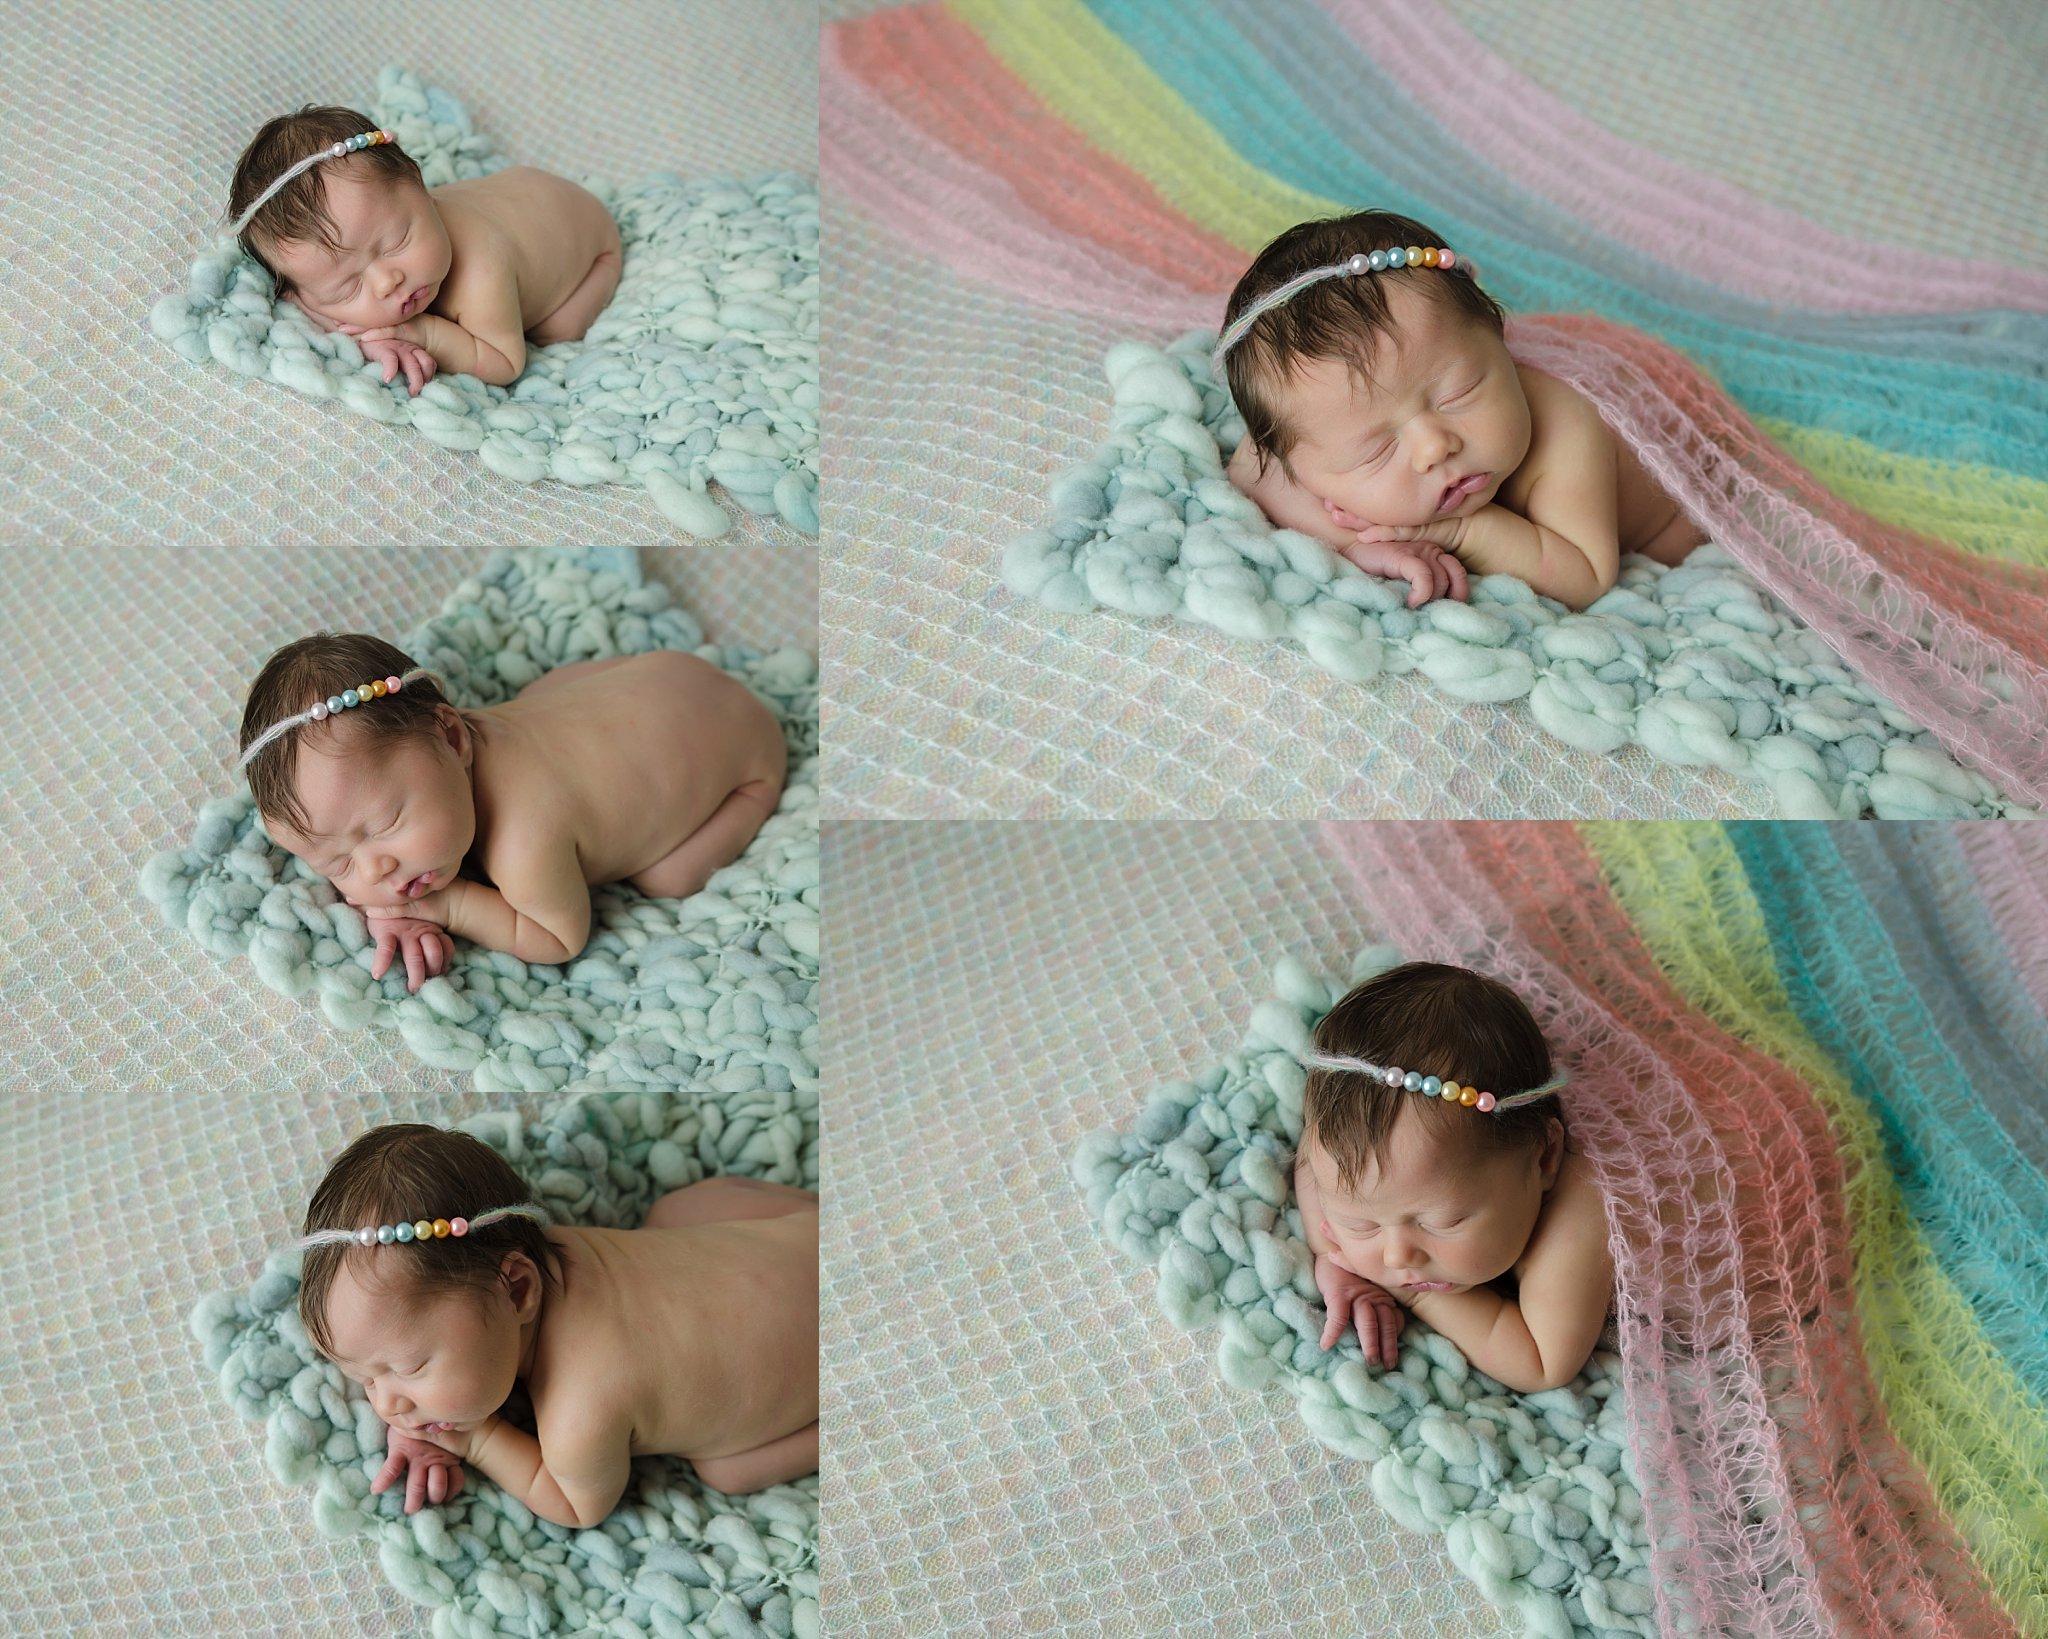 columbus_ohio_newborn_photographer_0104.jpg